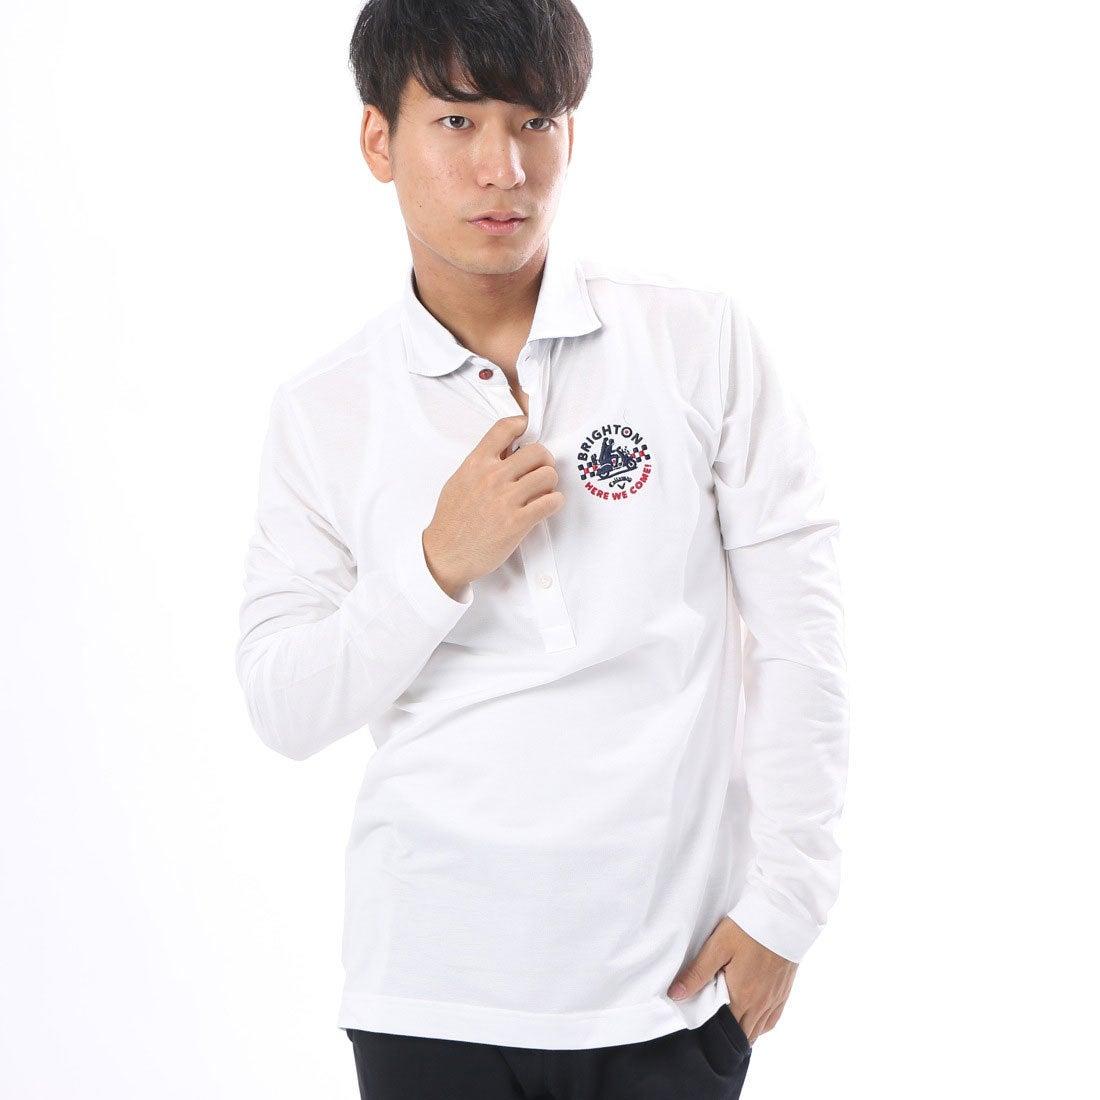 【SALE 30%OFF】キャロウェイ Callaway メンズ ゴルフ 長袖シャツ カノコワイドカラーシャツ 7256503 メンズ